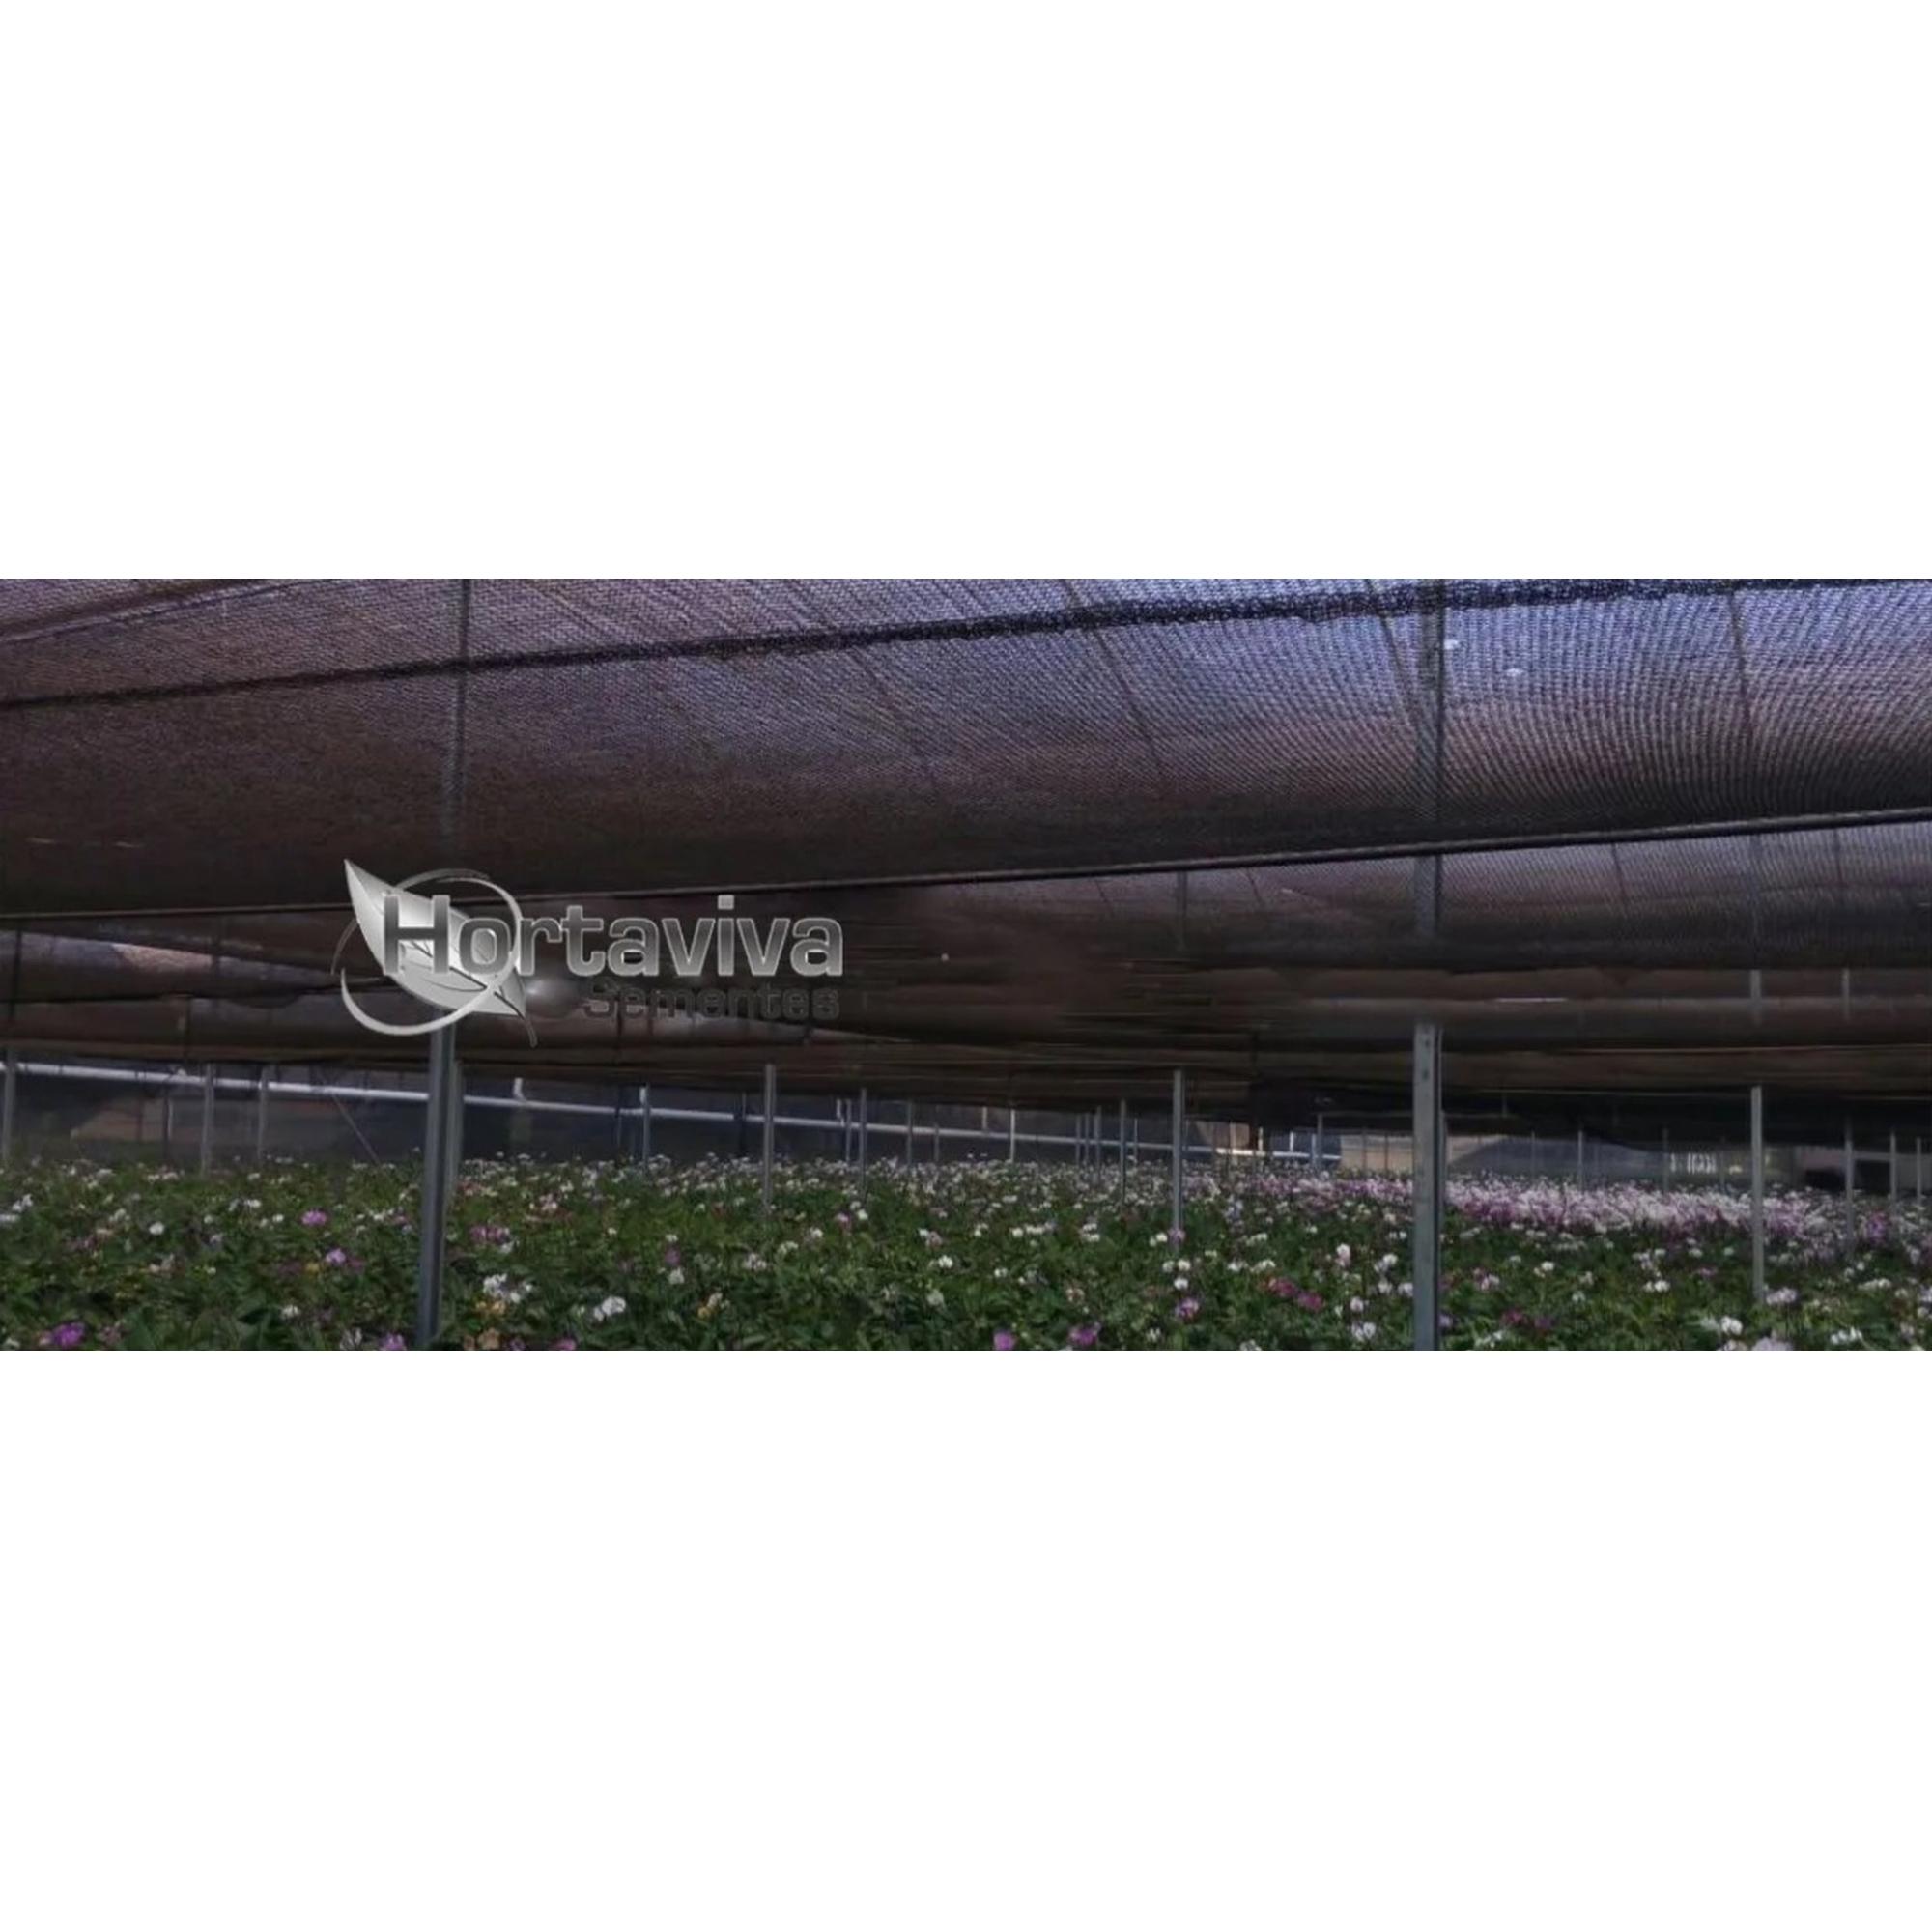 Tela de Sombreamento Preta 50% - 3 Metros x 40 Metros